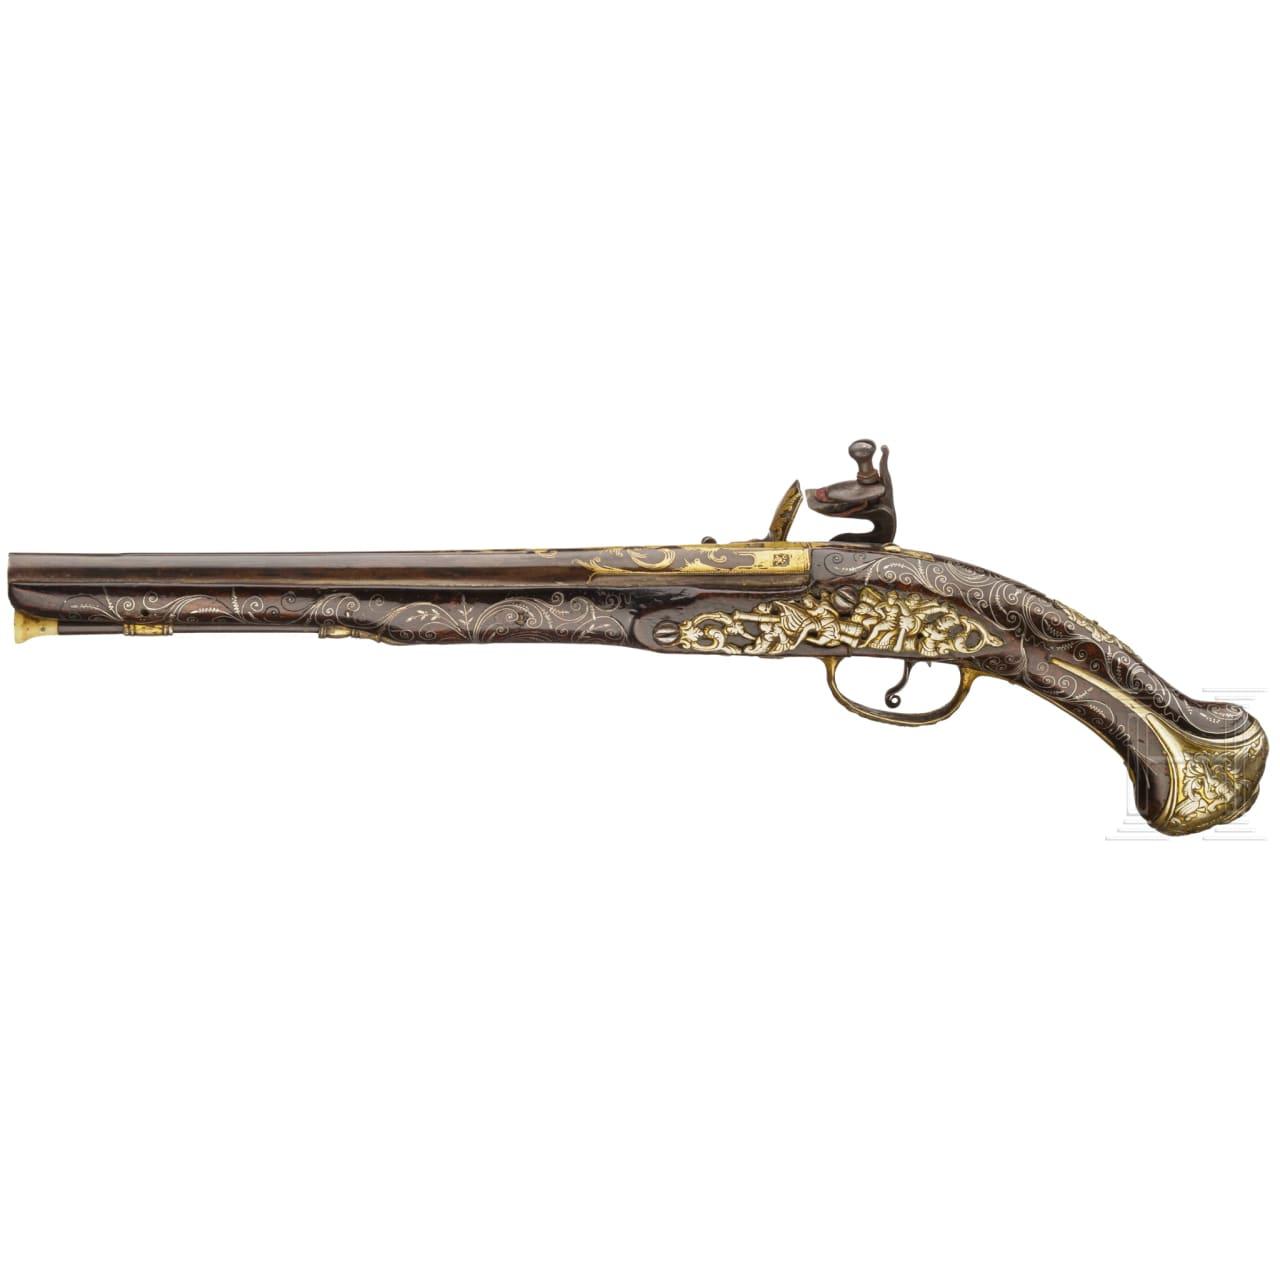 Goldtauschierte Steinschlosspistole (Kubur), osmanisch, um 1800